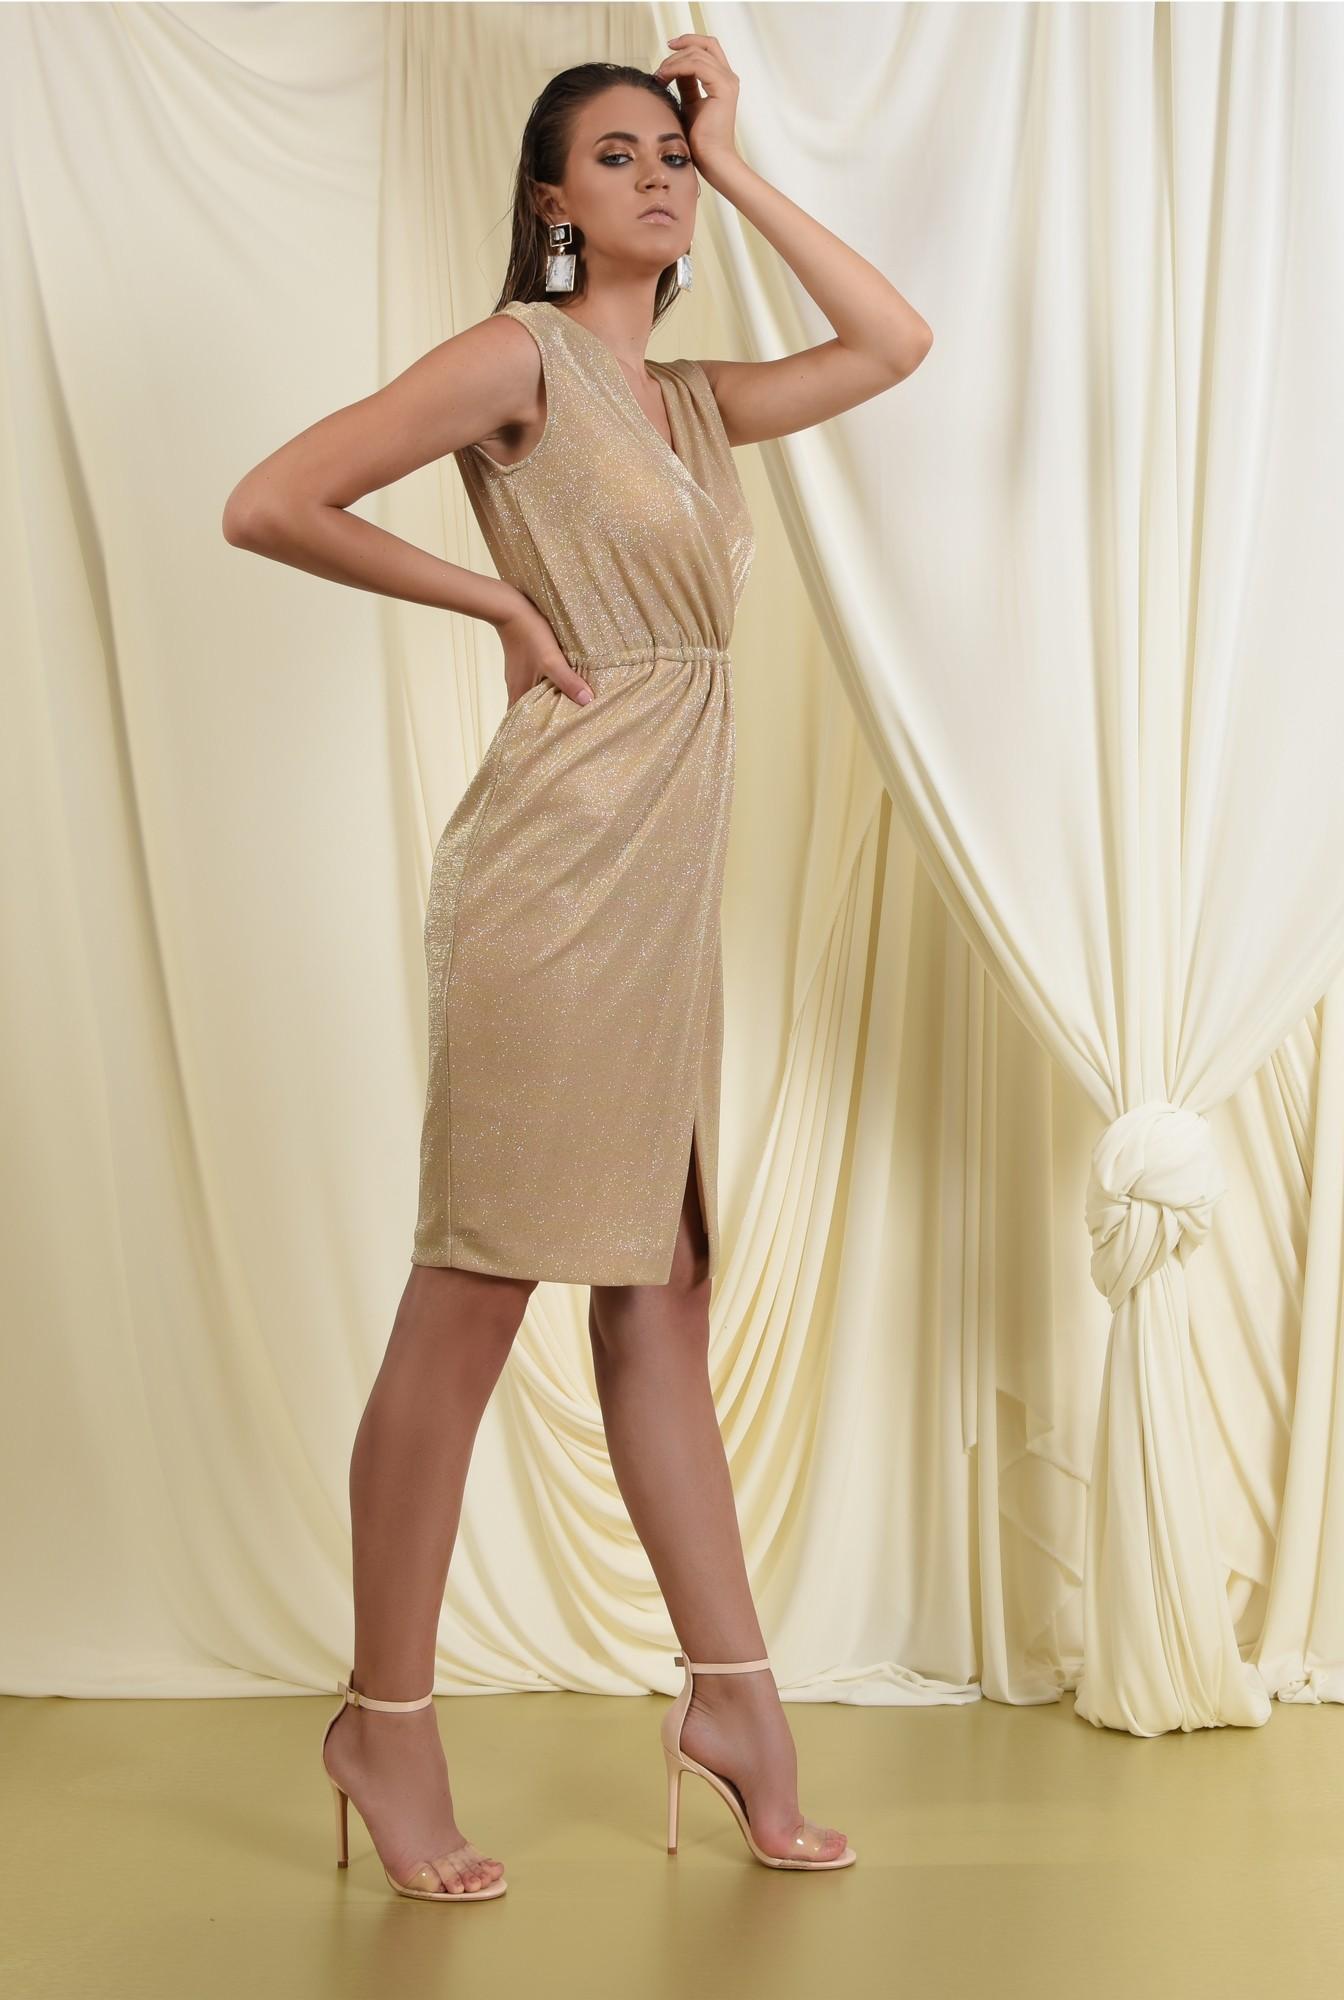 360 - rochie eleganta, aurie, conica, petrecuta